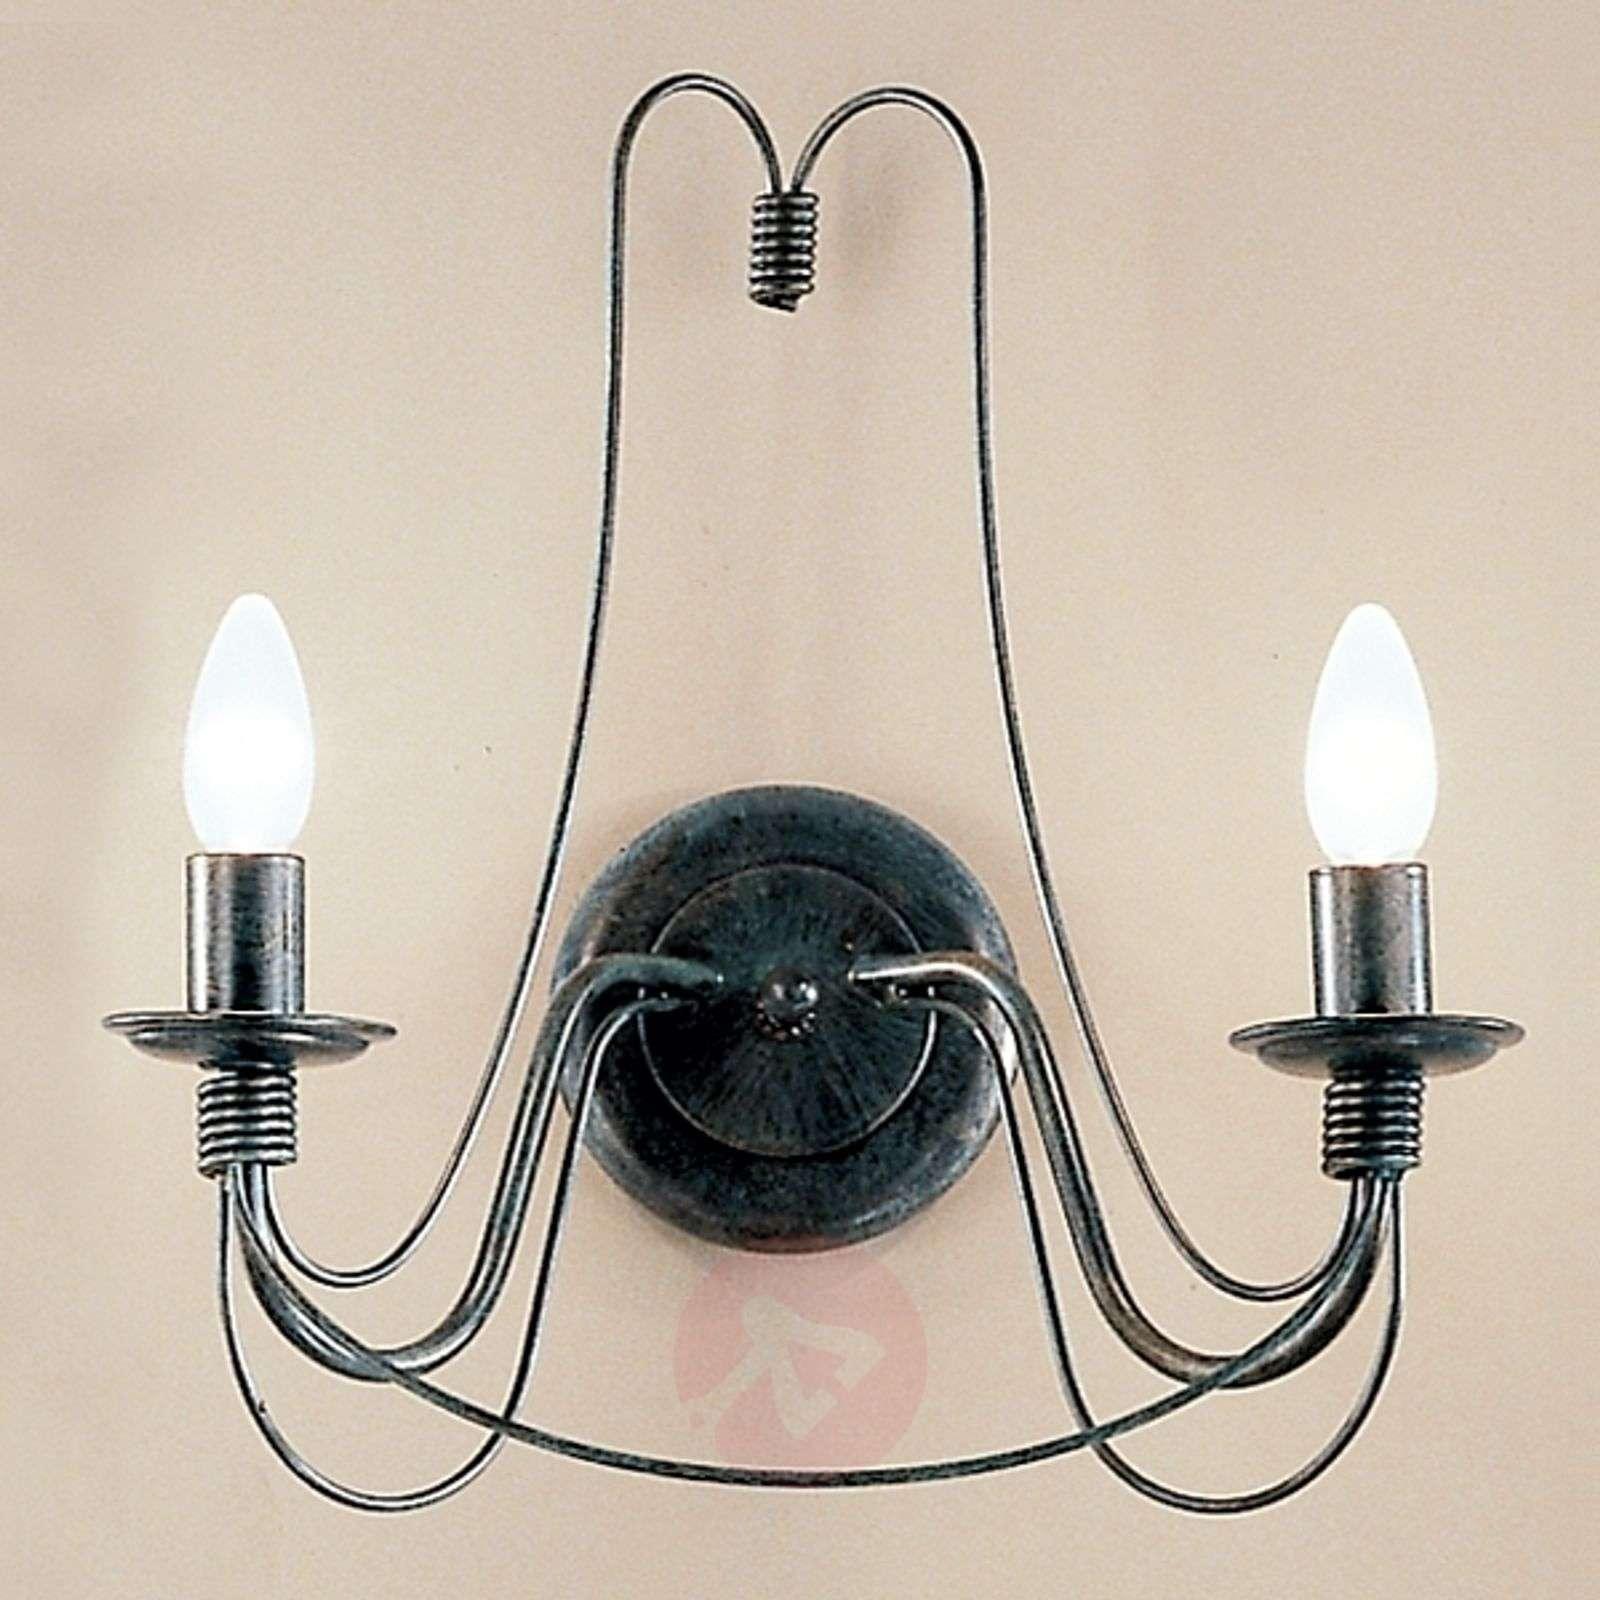 2-lamppuinen kattovalaisin CLARA maalaistyyliin-7253121-01